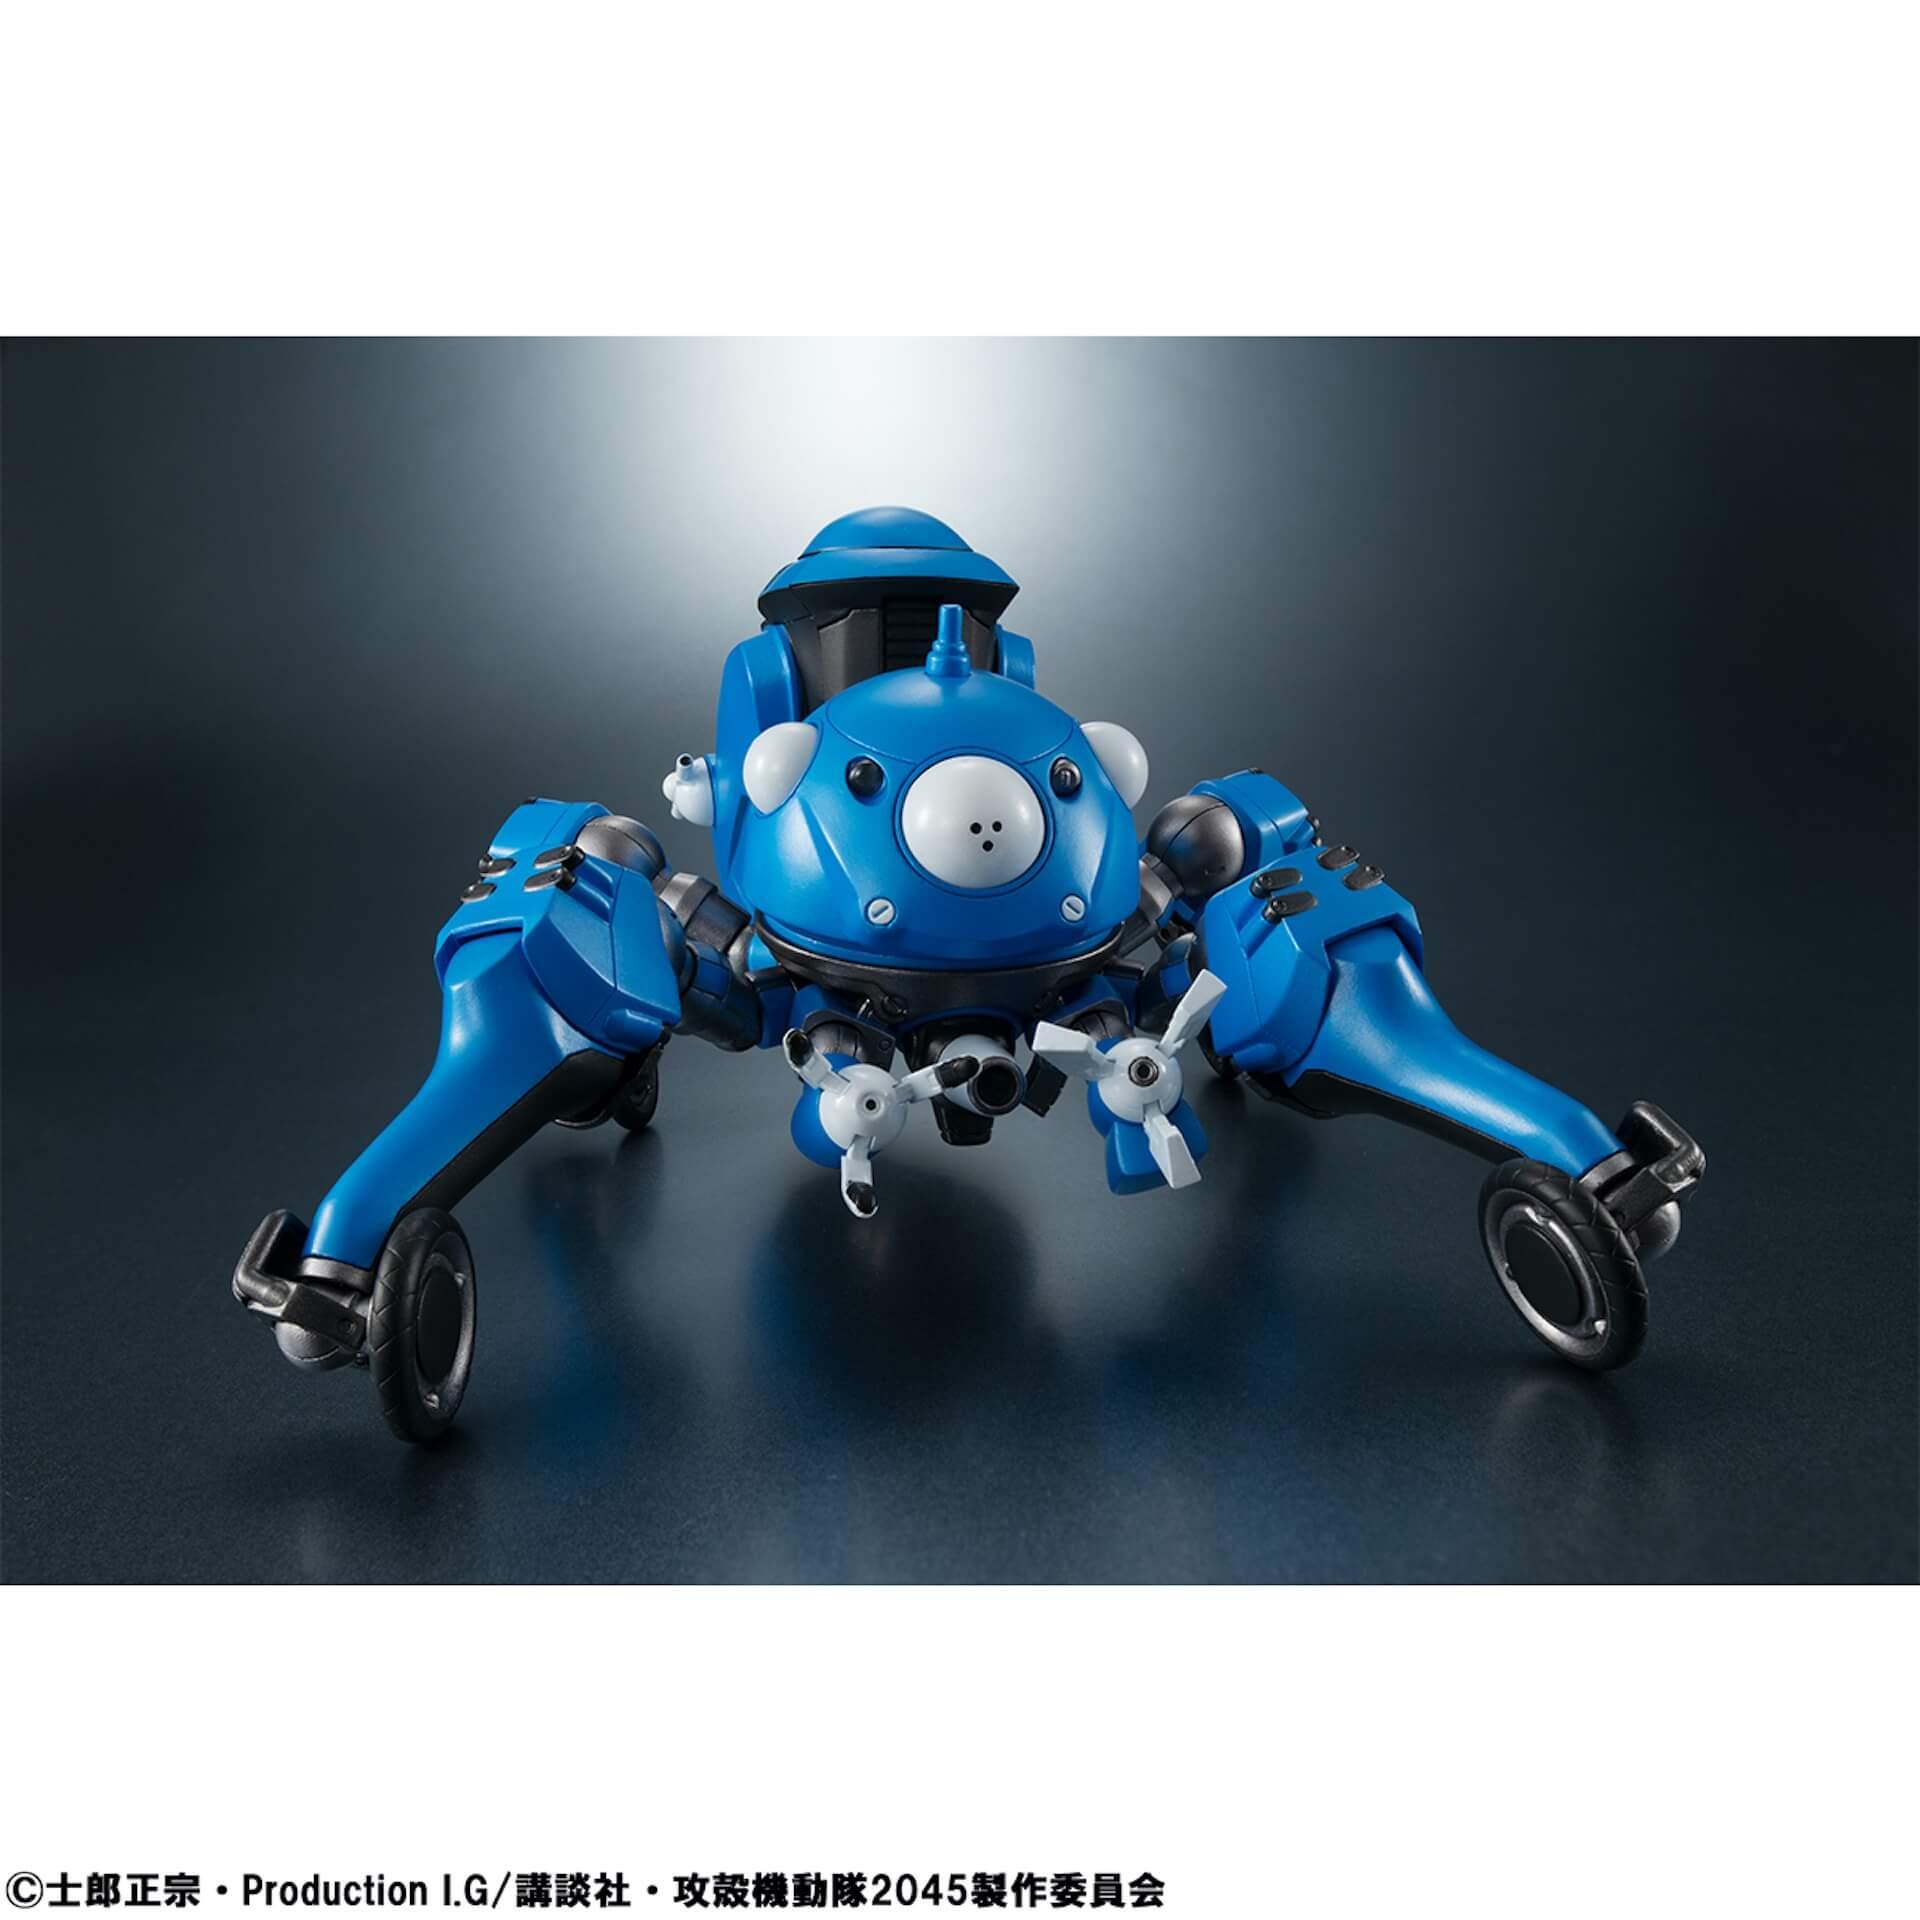 豊富なギミックありの『攻殻機動隊 SAC_2045』タチコマフィギュアがメガハウスから登場!背面ポッドに少佐が搭乗可能 ac200701_tachikoma_figure_04